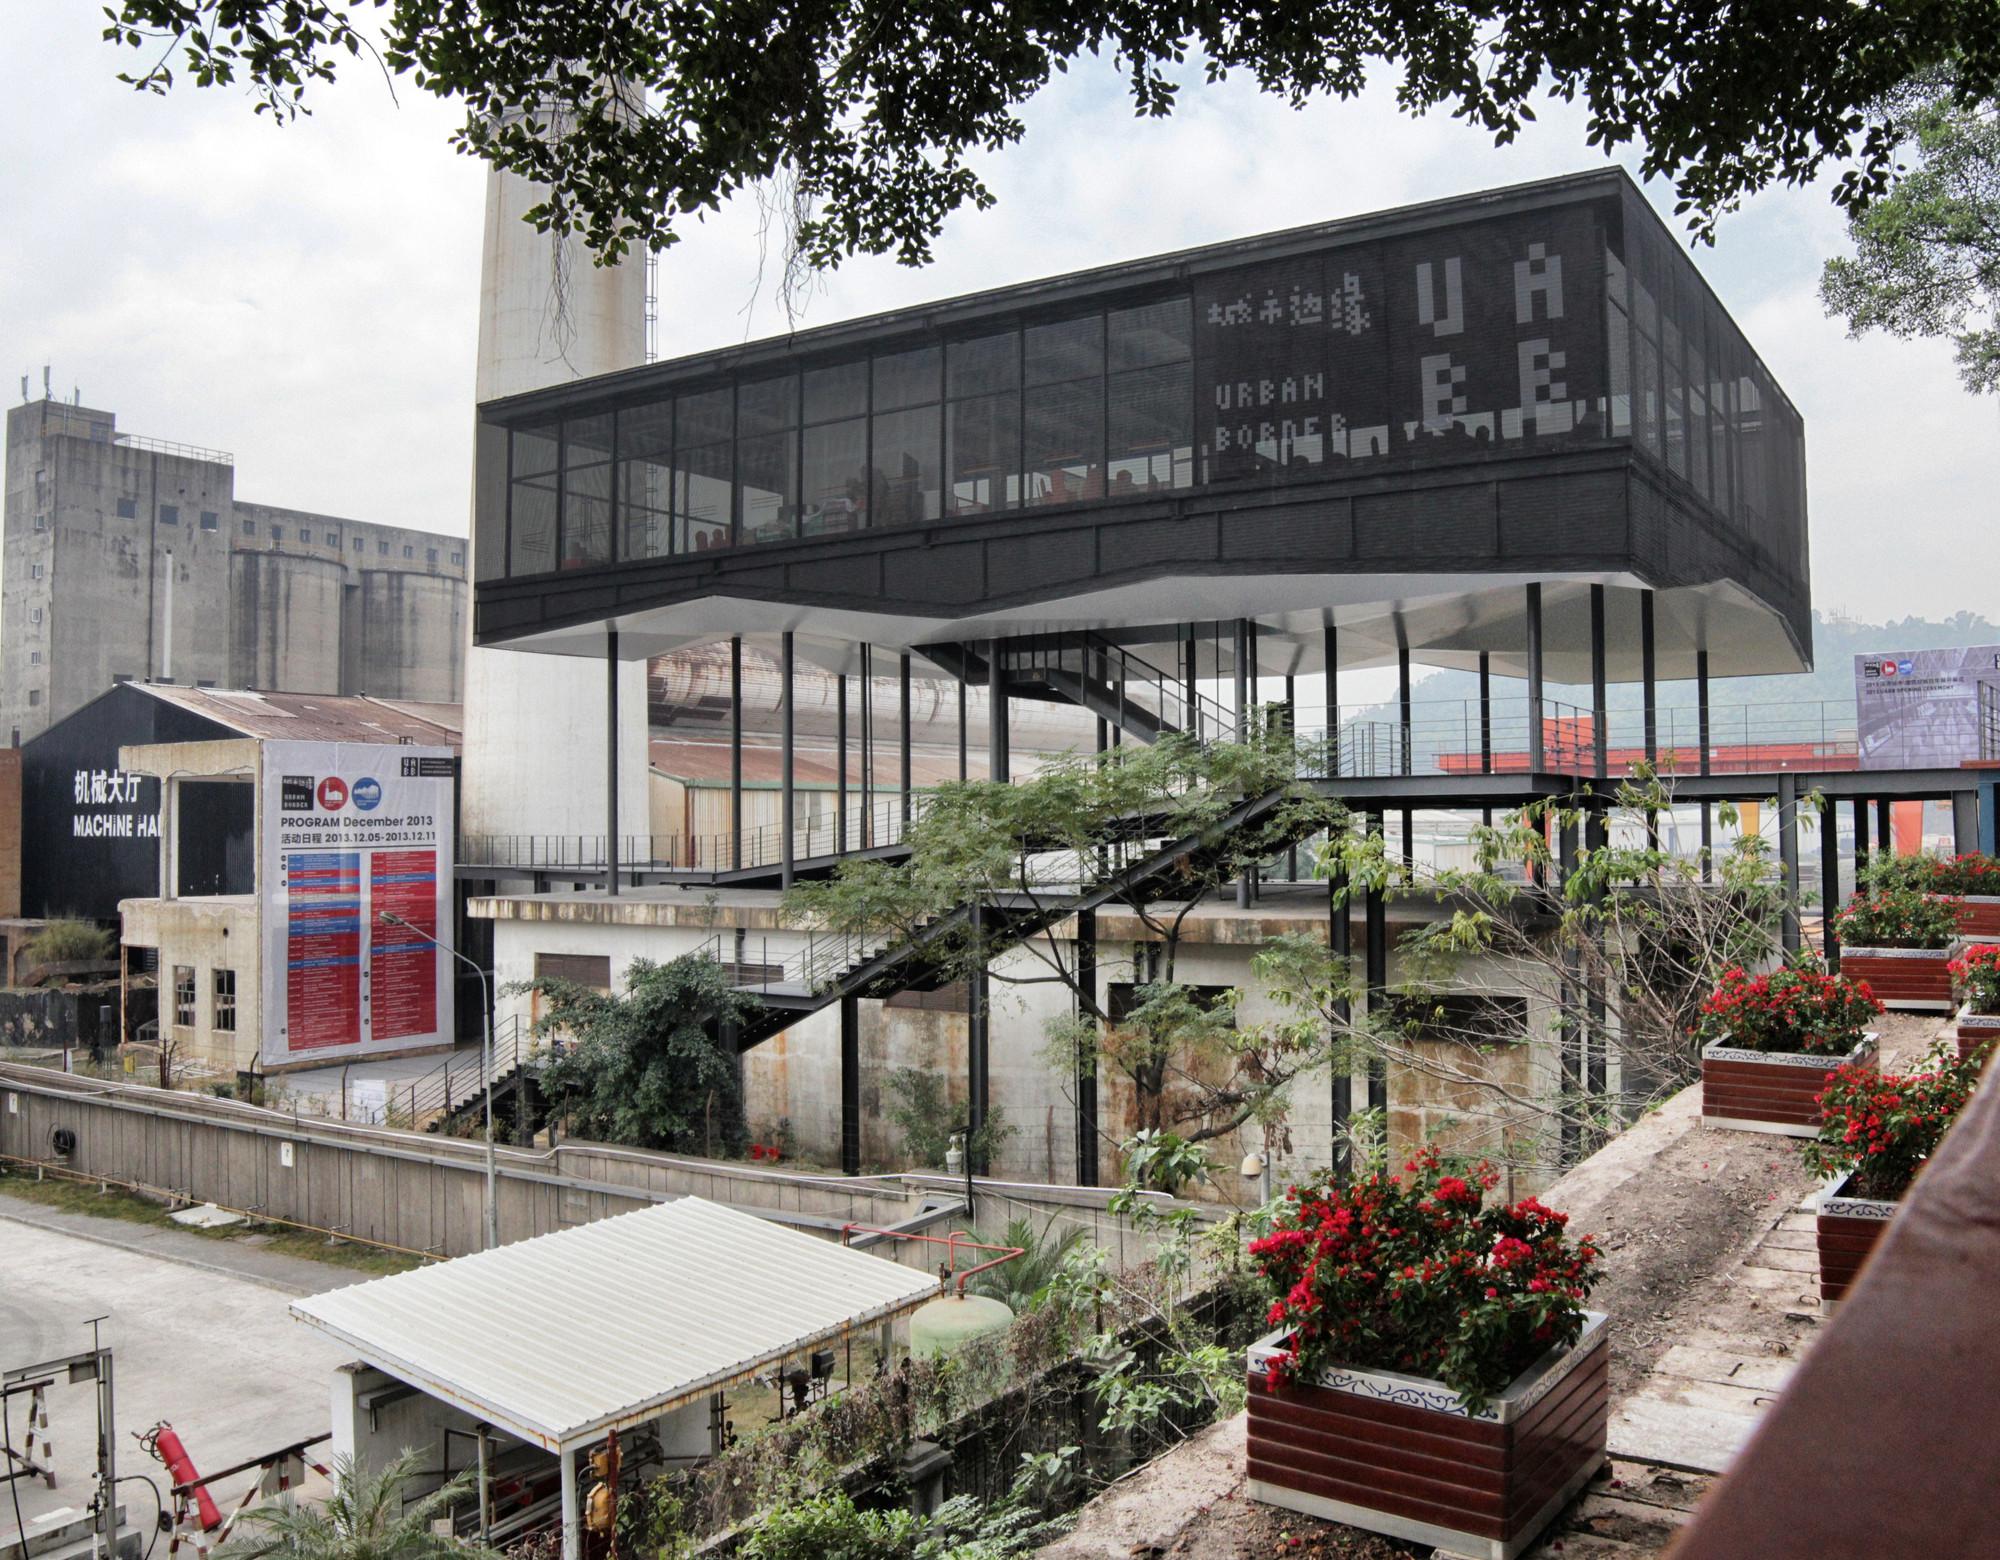 Bienal de Shenzhen: La Value Factory y el Borde Urbano, Pabellón de acceso en la Value Factory © ArchDaily